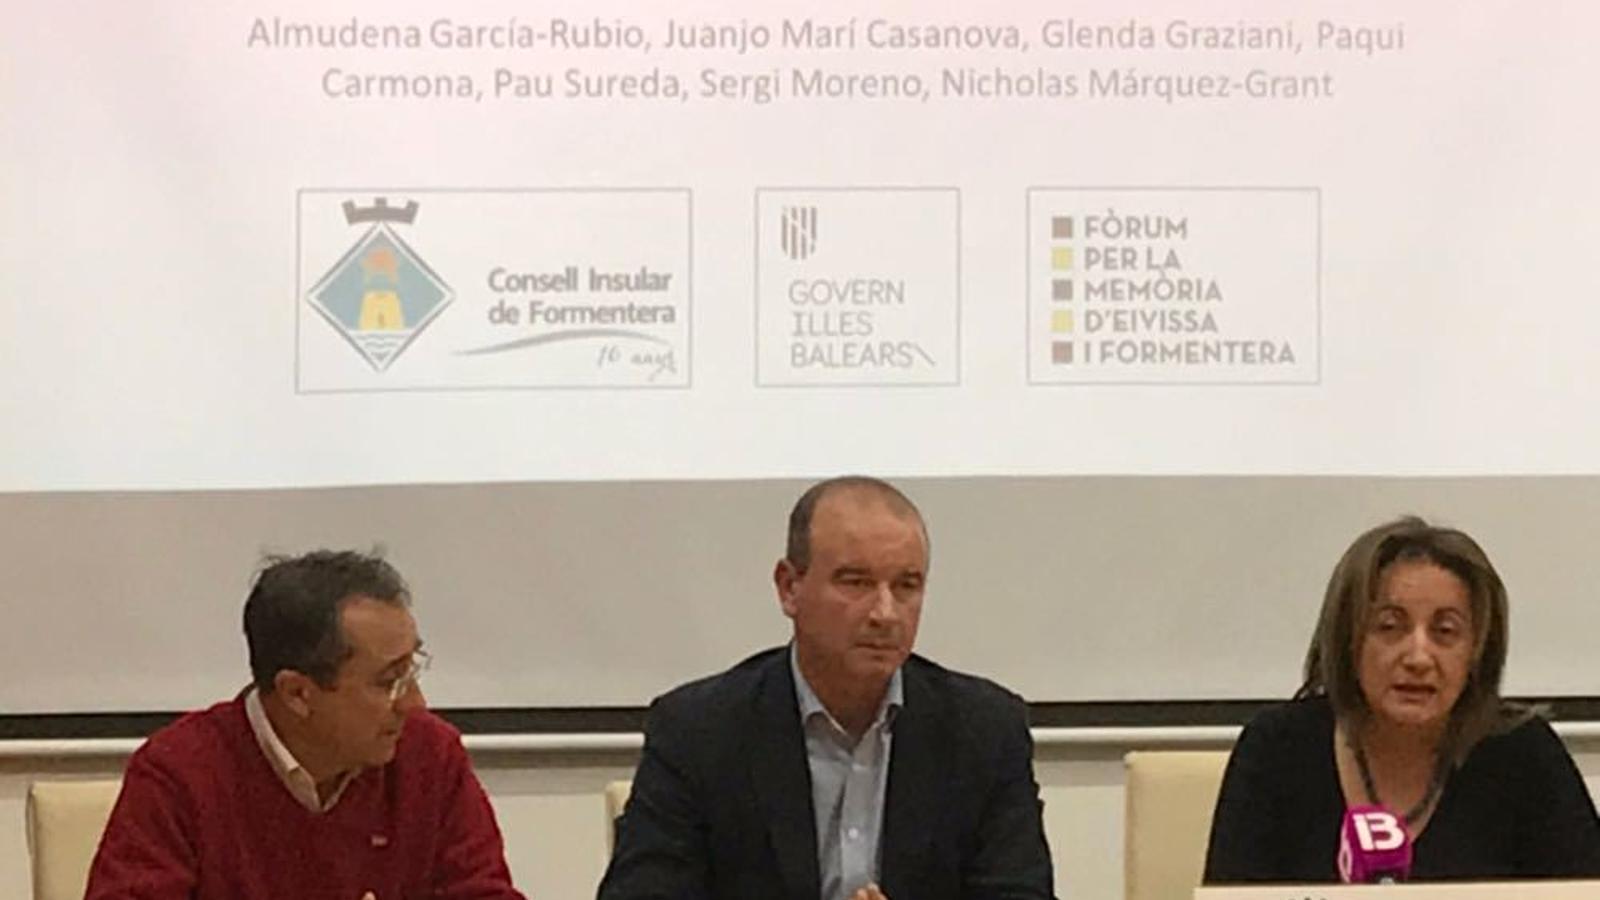 Luís Ruiz, Jaume Ferrer i Fanny Tur durant la presentació de les conclusions de l'exhumació.